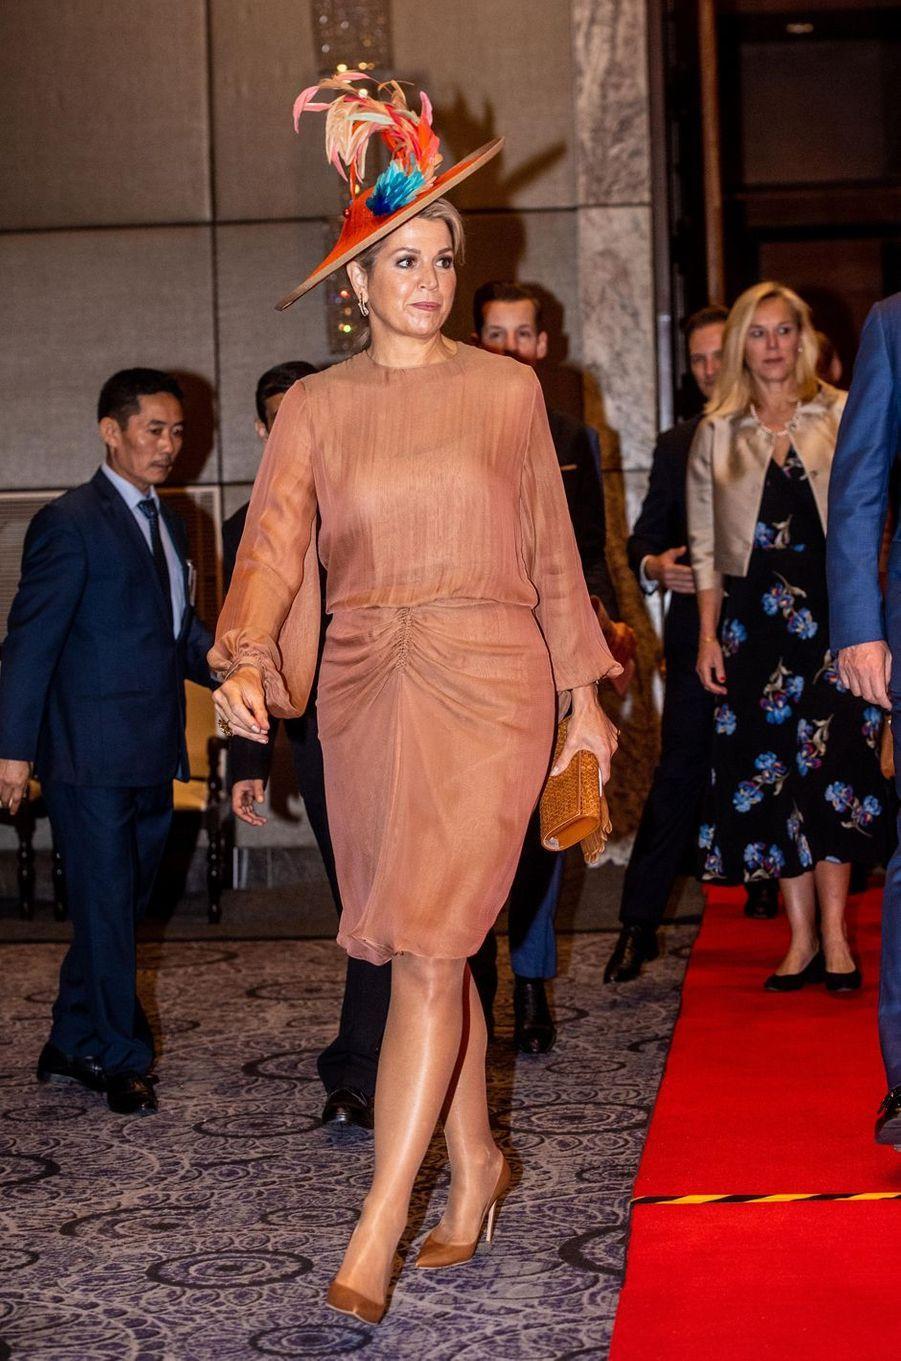 La reine Maxima des Pays-Bas, dans une robe Natan, à New Delhi le 15 octobre 2019